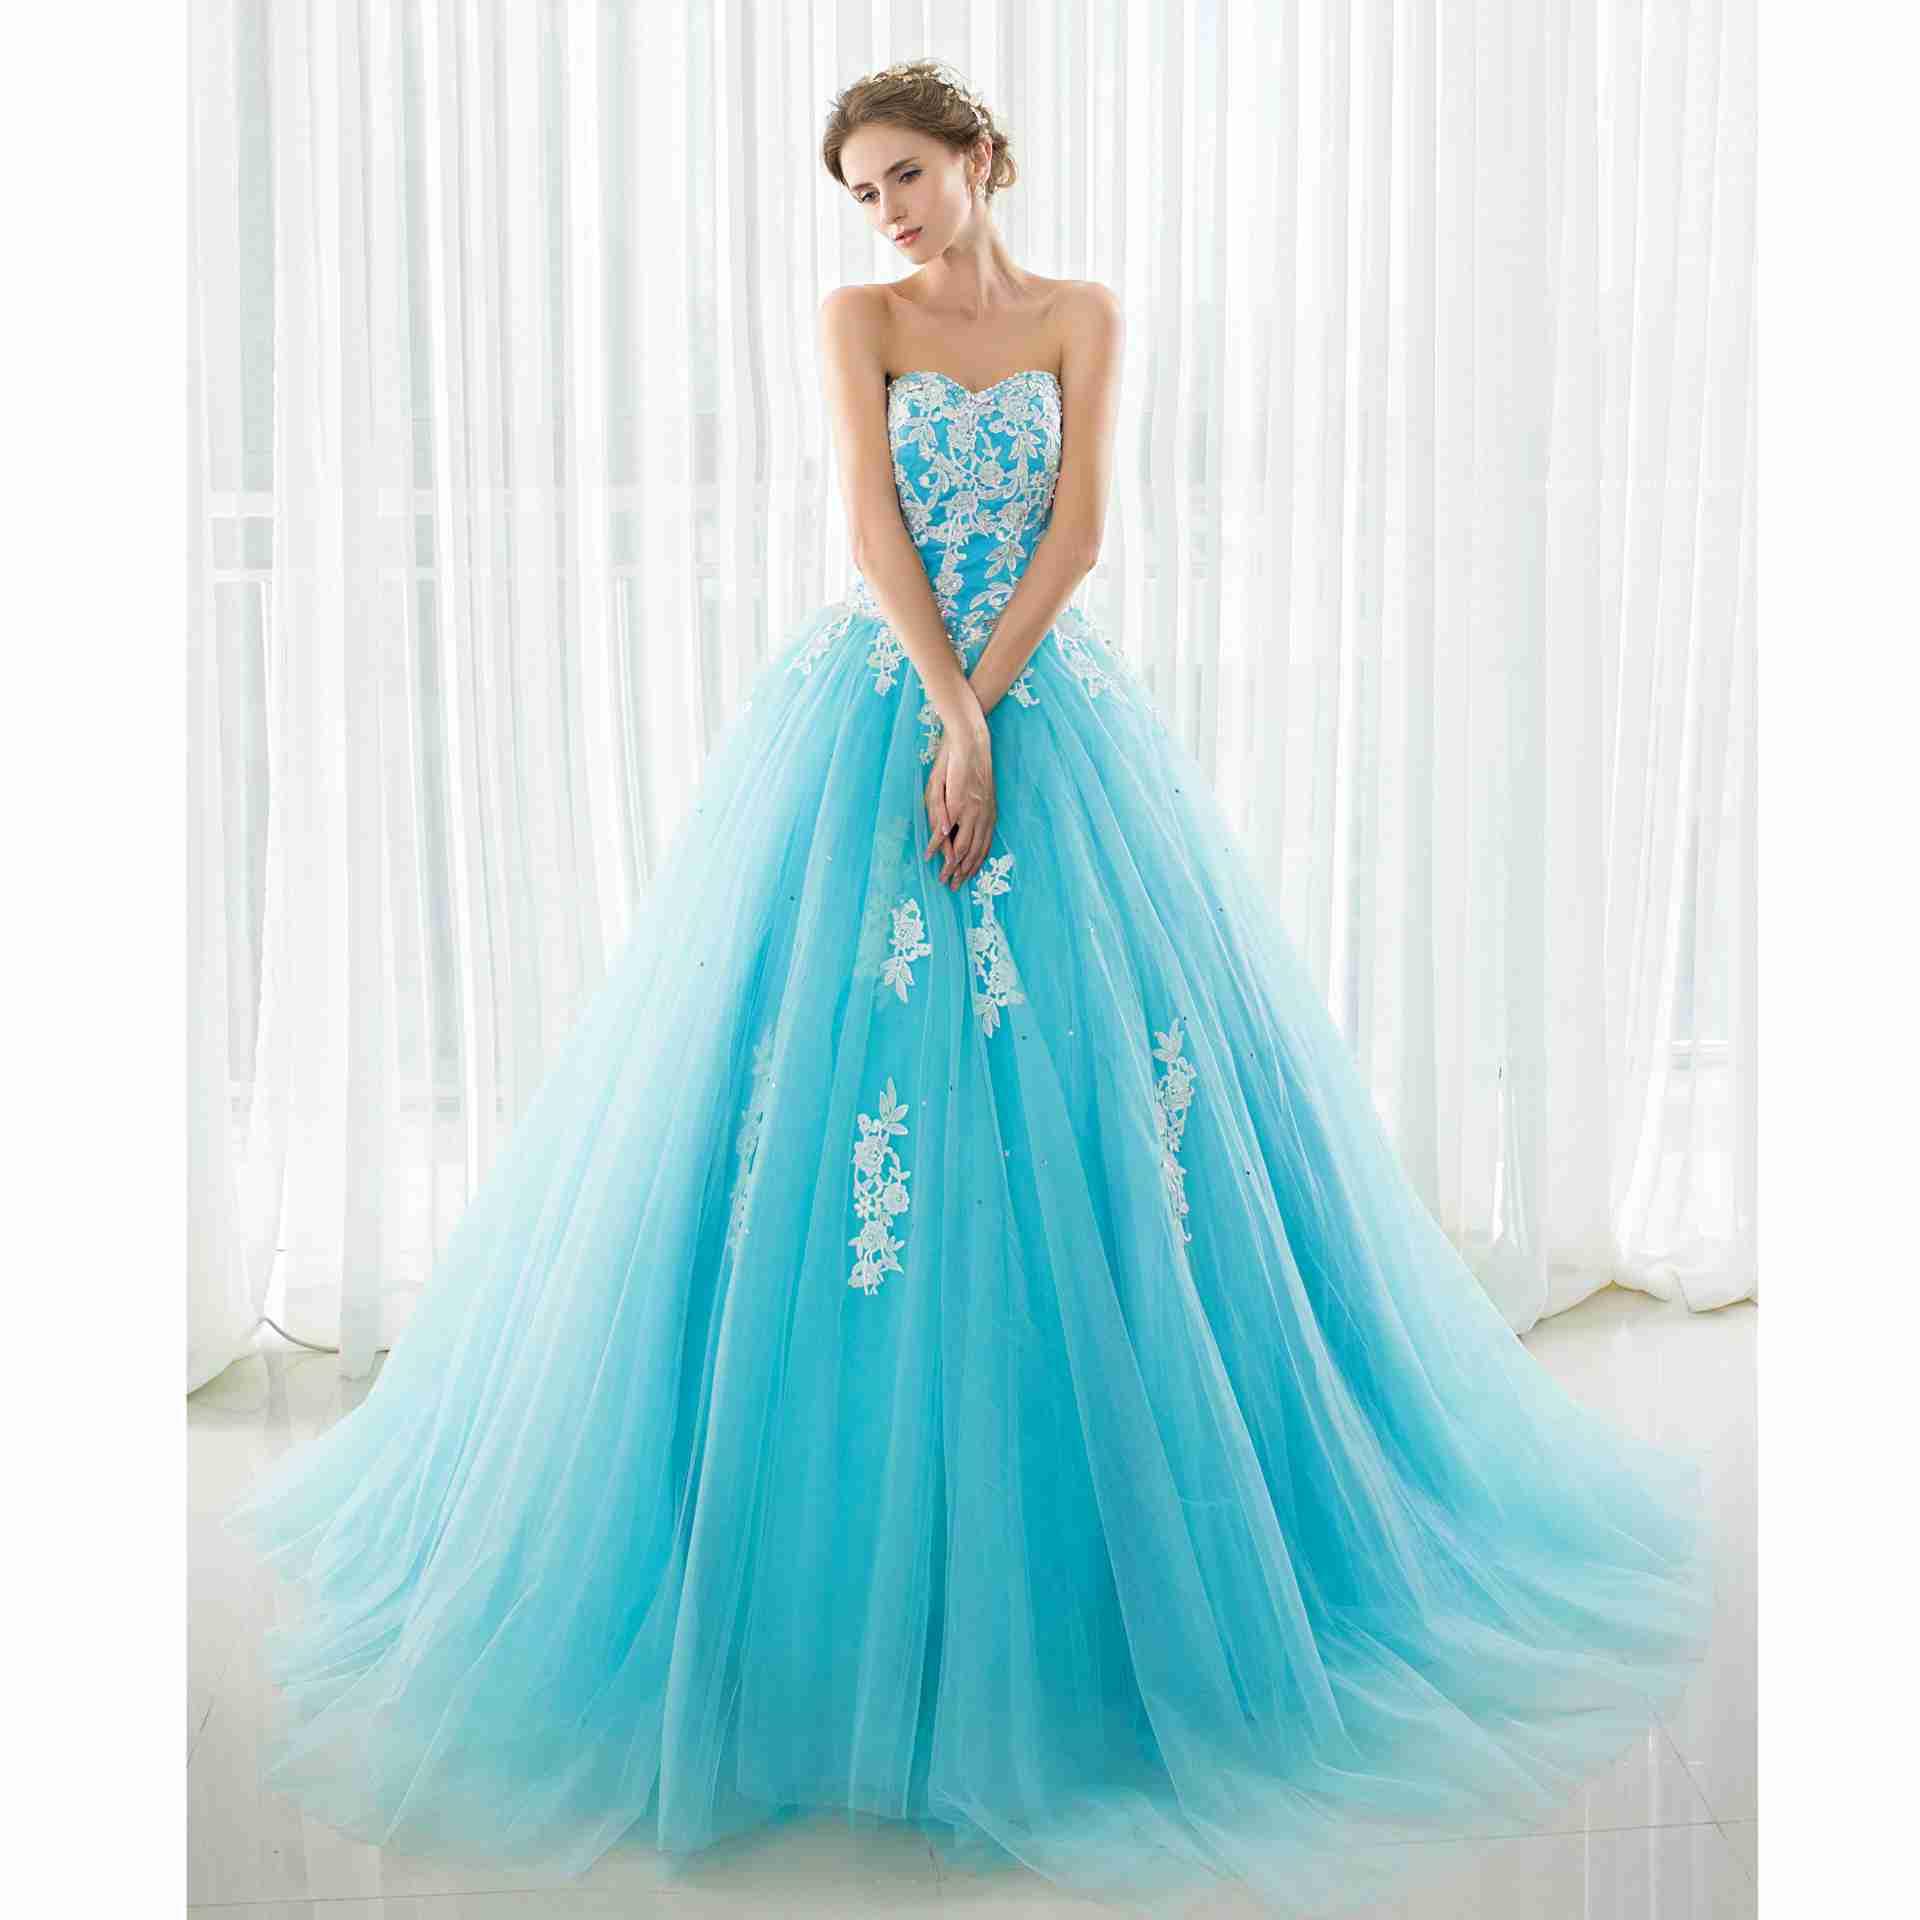 Robe de bal bleu clair robes de Quinceanera longue perlée strass appliques robes de bal dos nu à lacets robes Graduaton